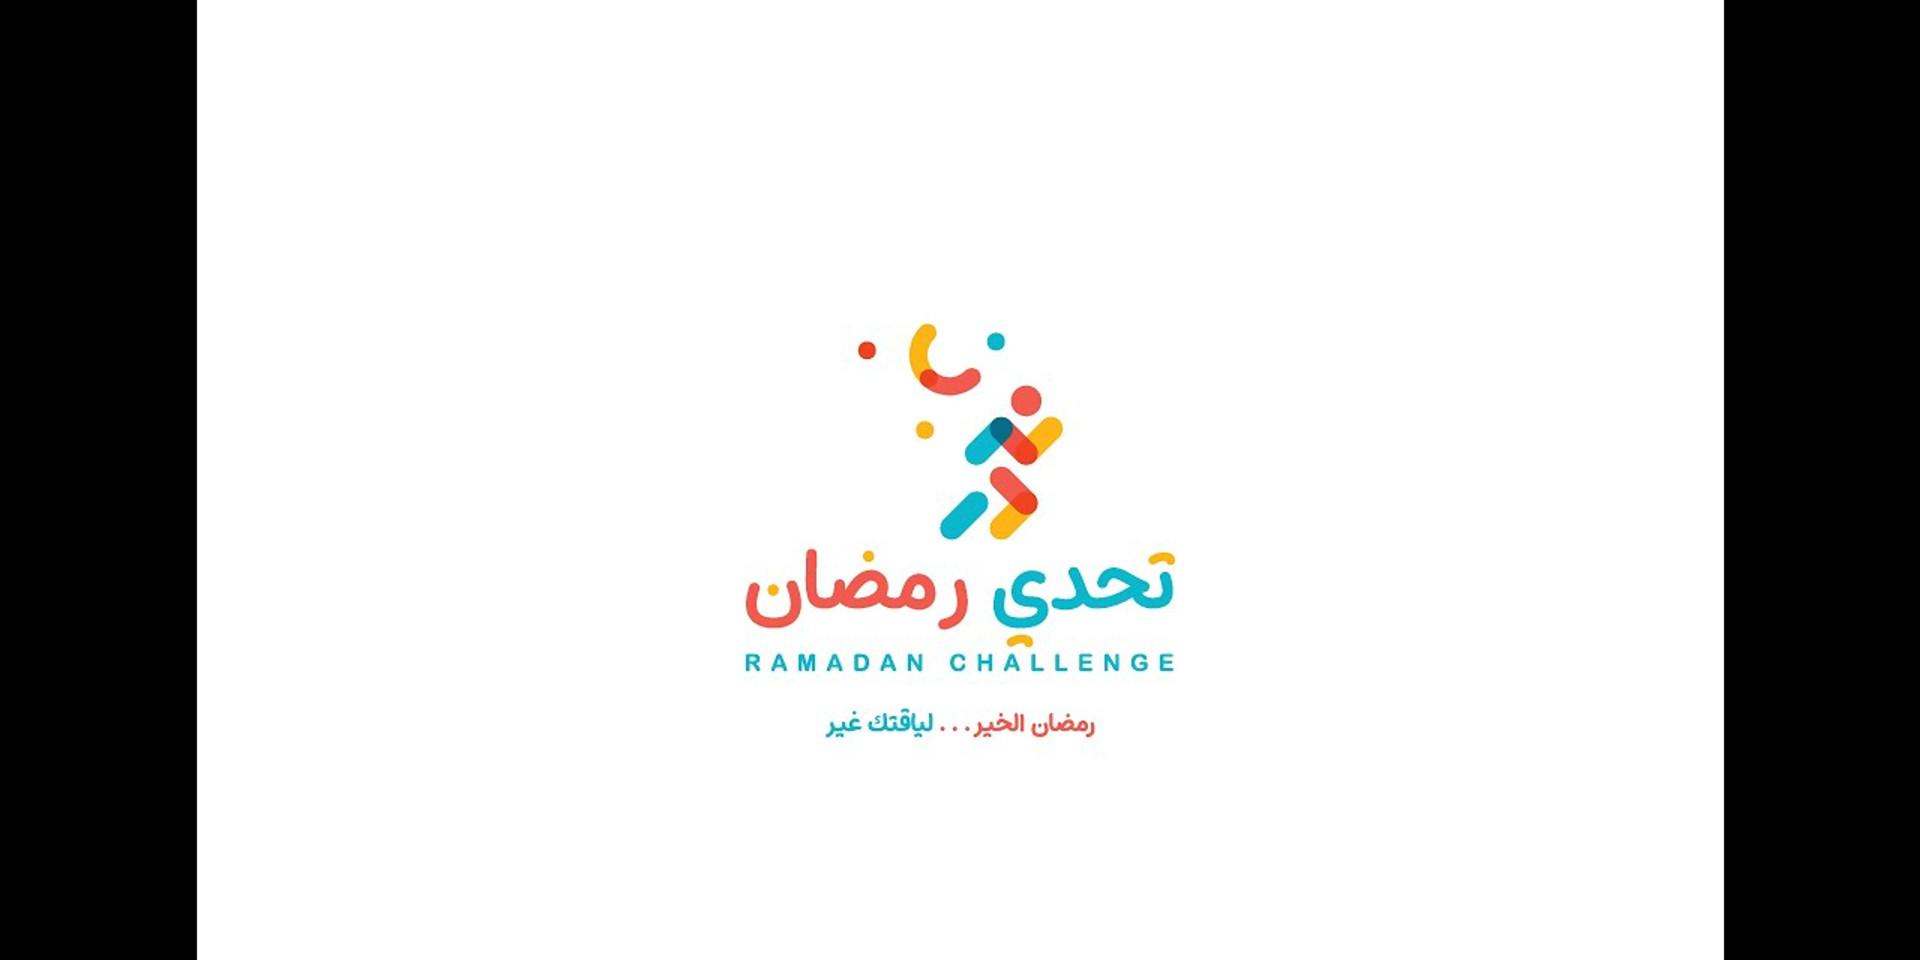 Ramadan Challenge - Race #1